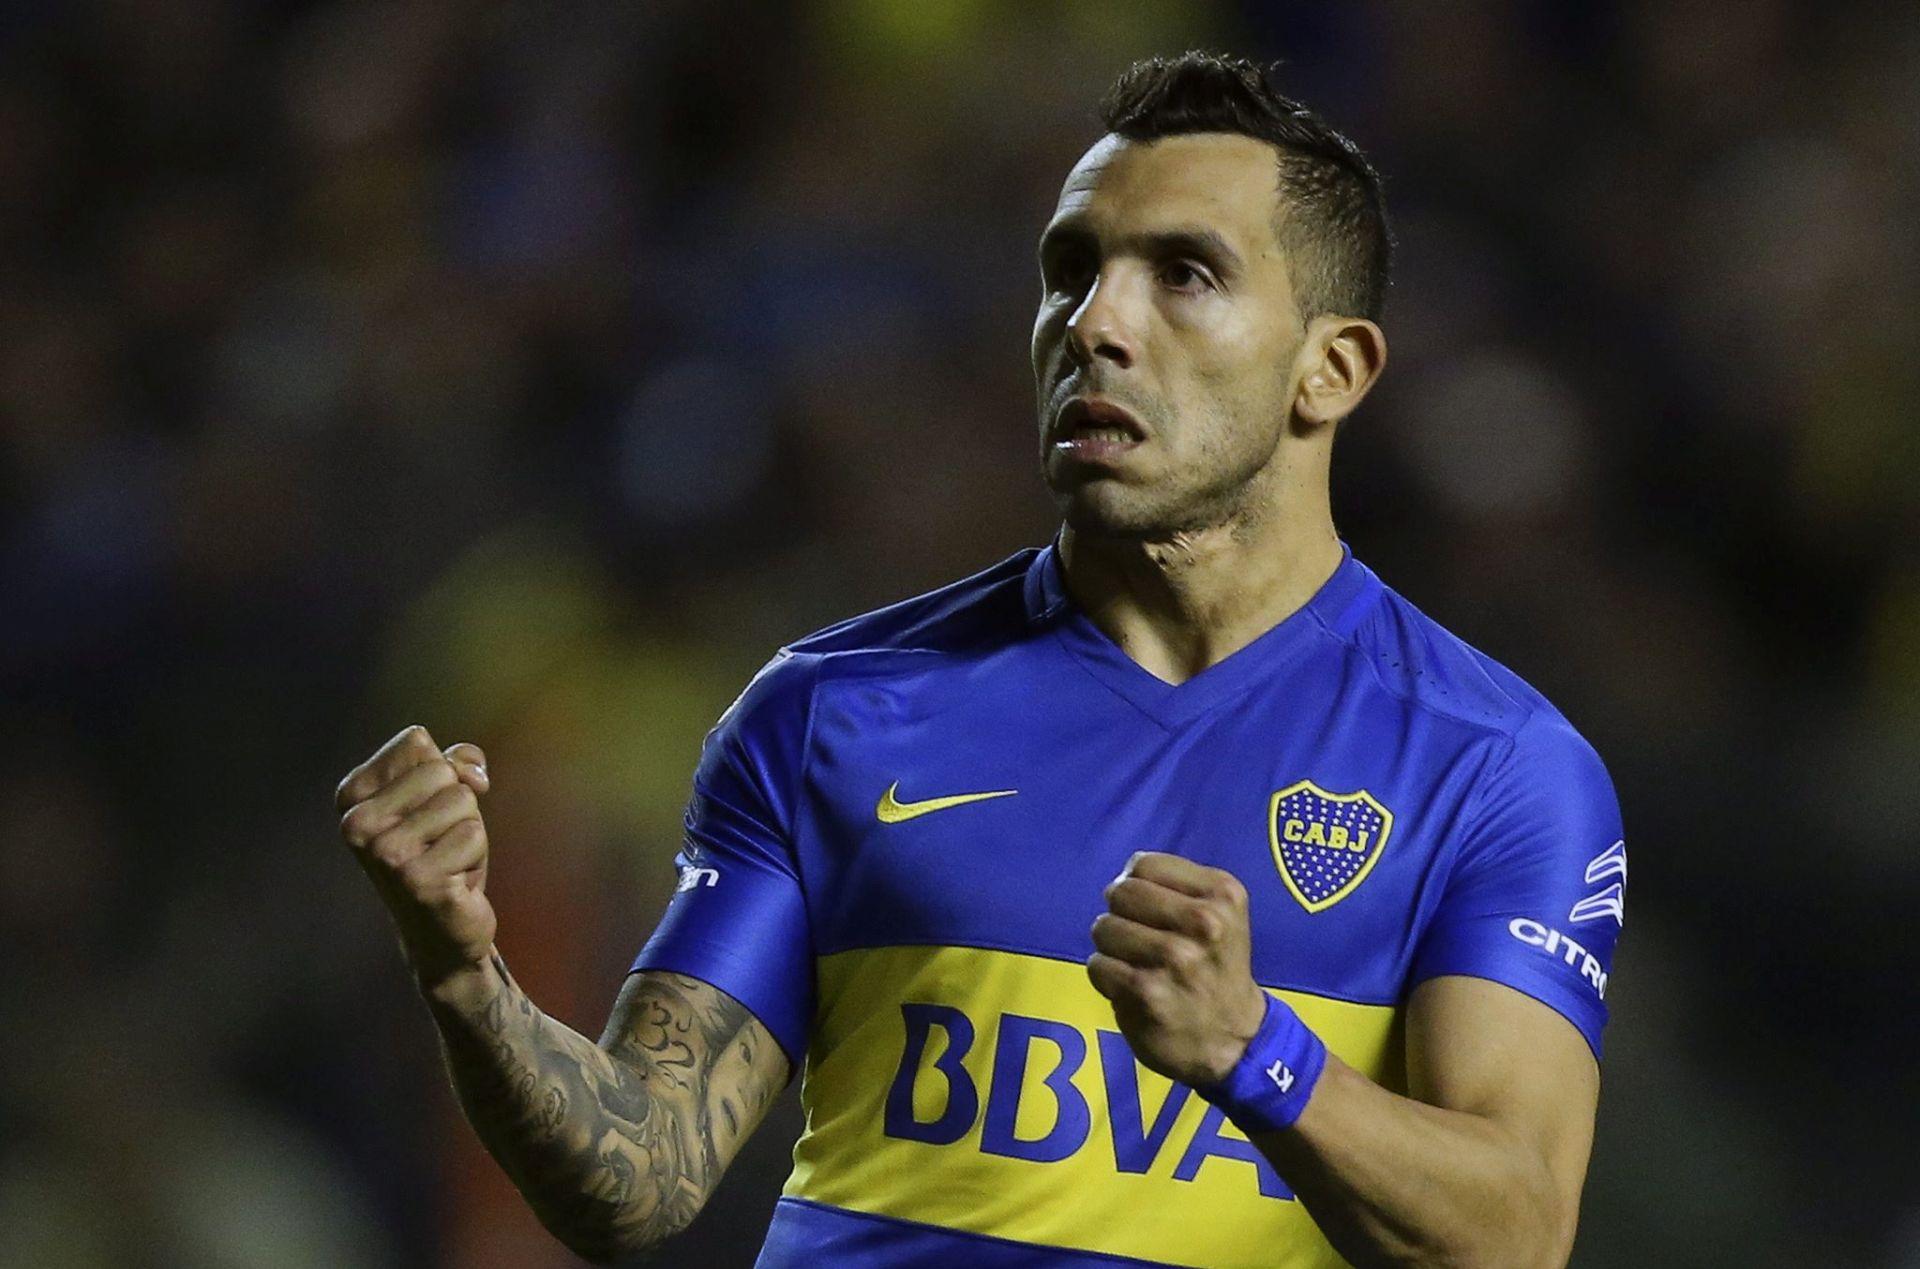 Tevez prihvatio 38 milijuna eura zbog loše fizičke pripremljenosti